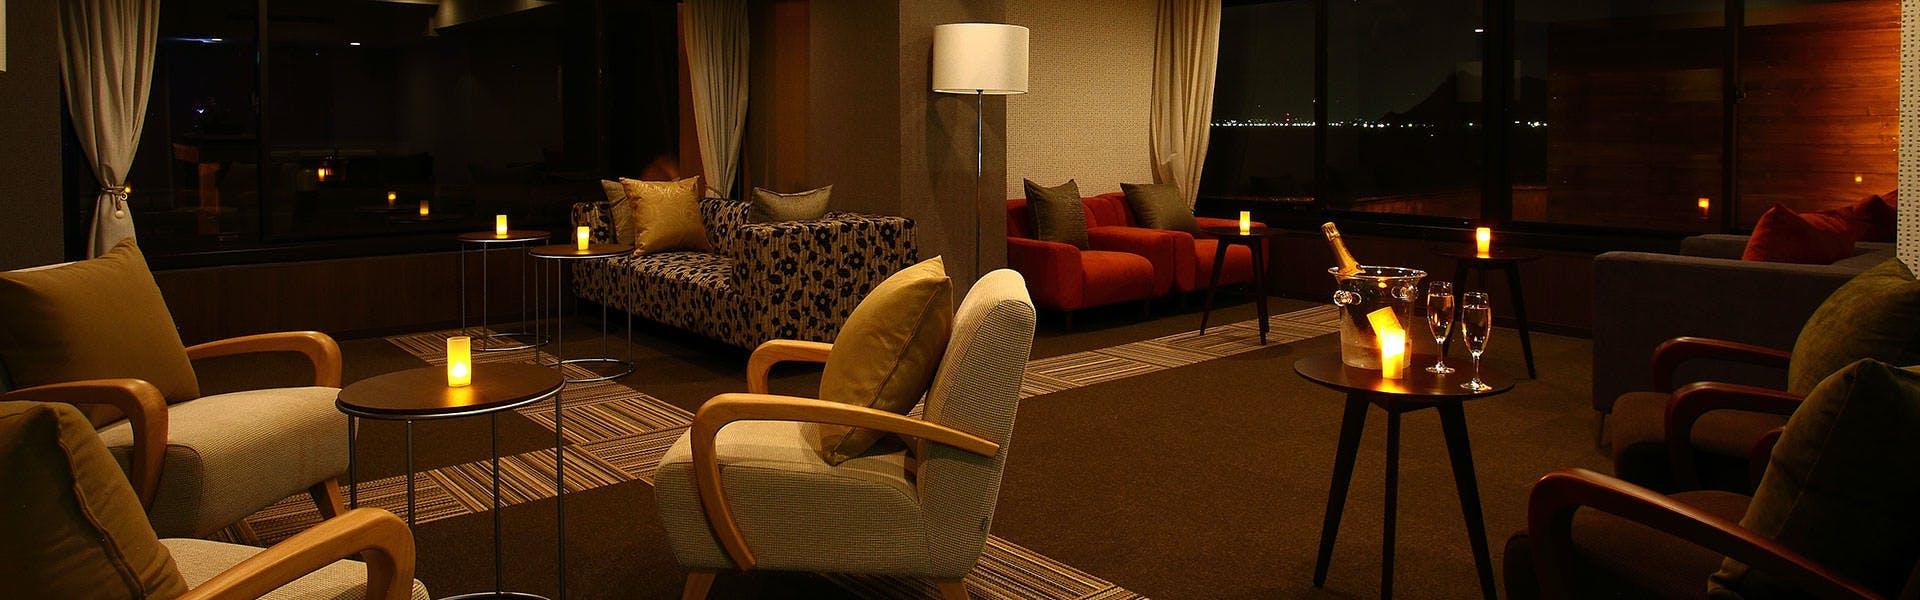 記念日におすすめのホテル・「浜辺の湯・浪漫の歌」 宿 中屋の写真3